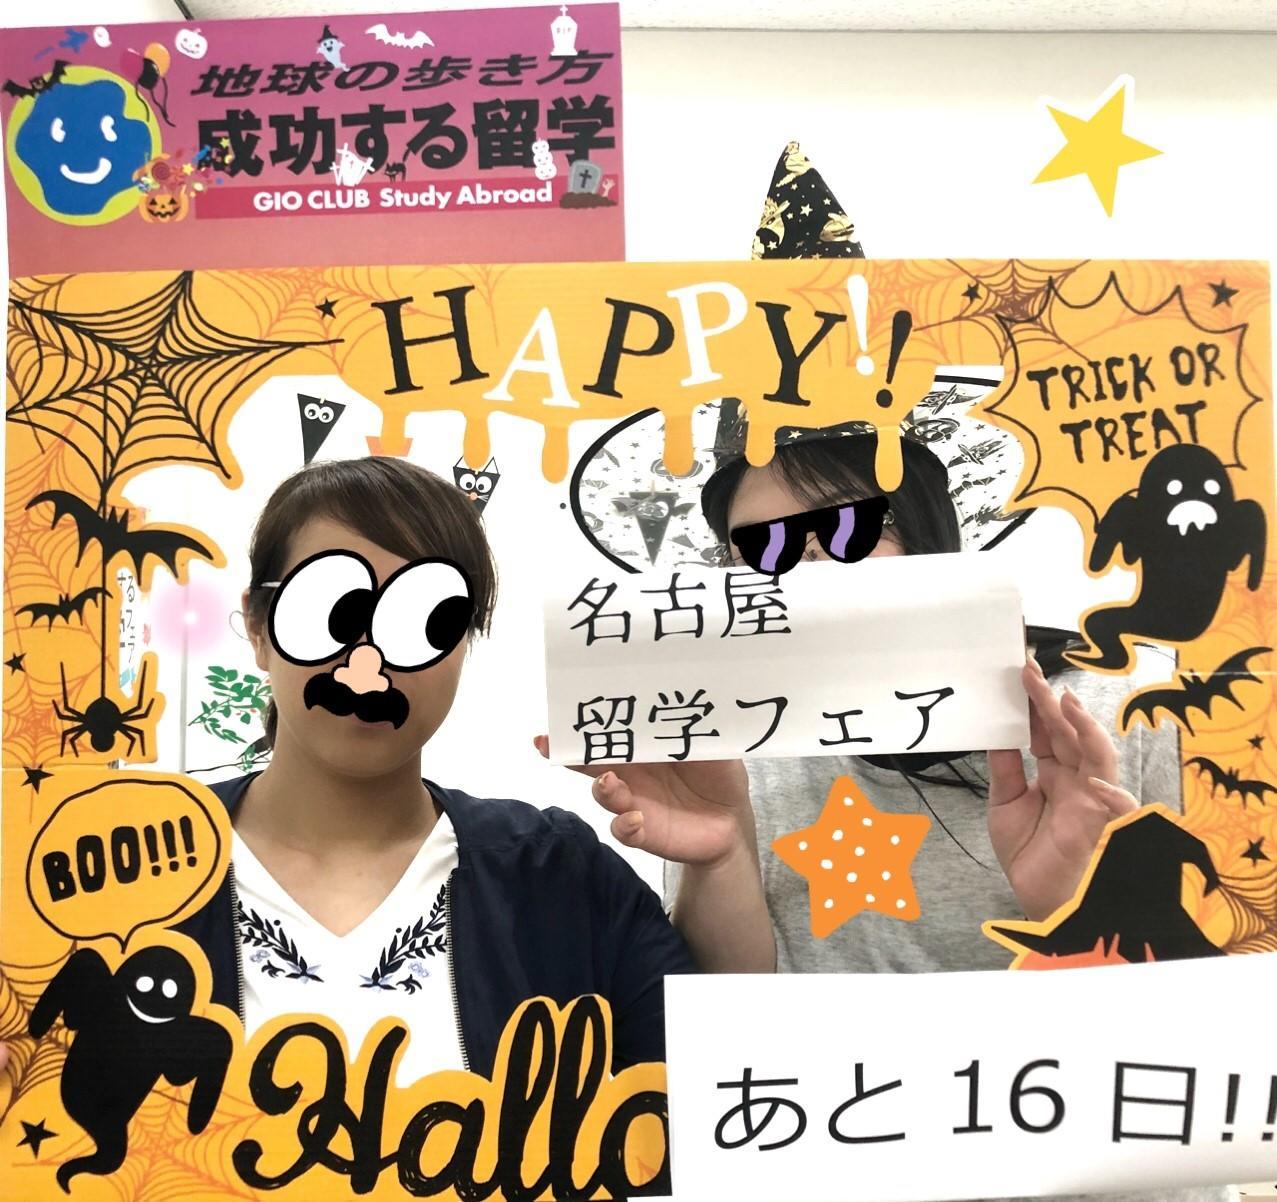 留学中の思い出のハロウィン体験名古屋留学フェア開催まで、あと16日!